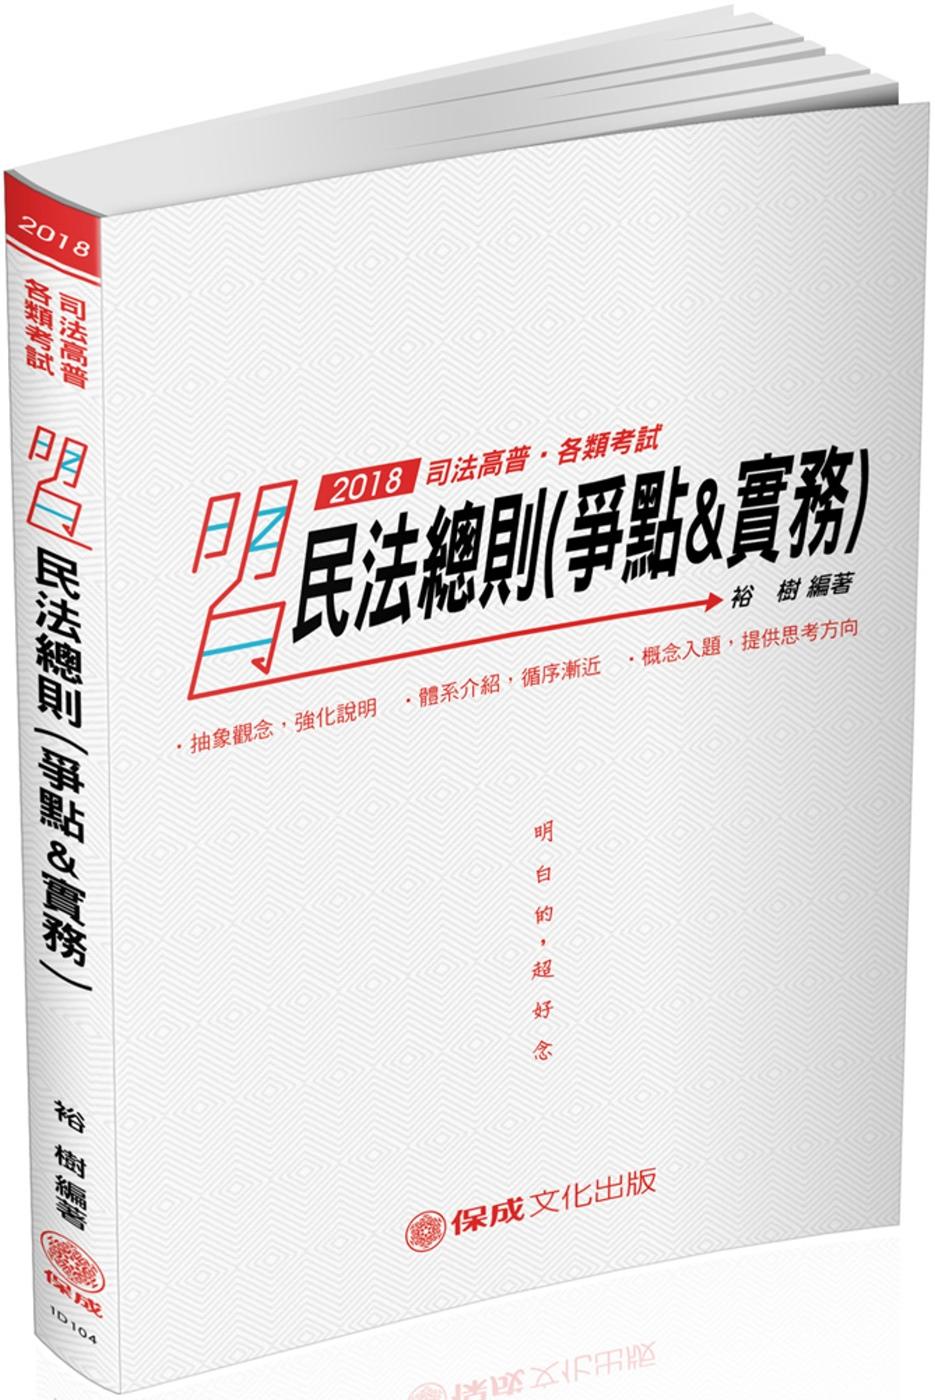 明白 民法總則(爭點&實例)-2018高普地特.各類特考<保成>七版